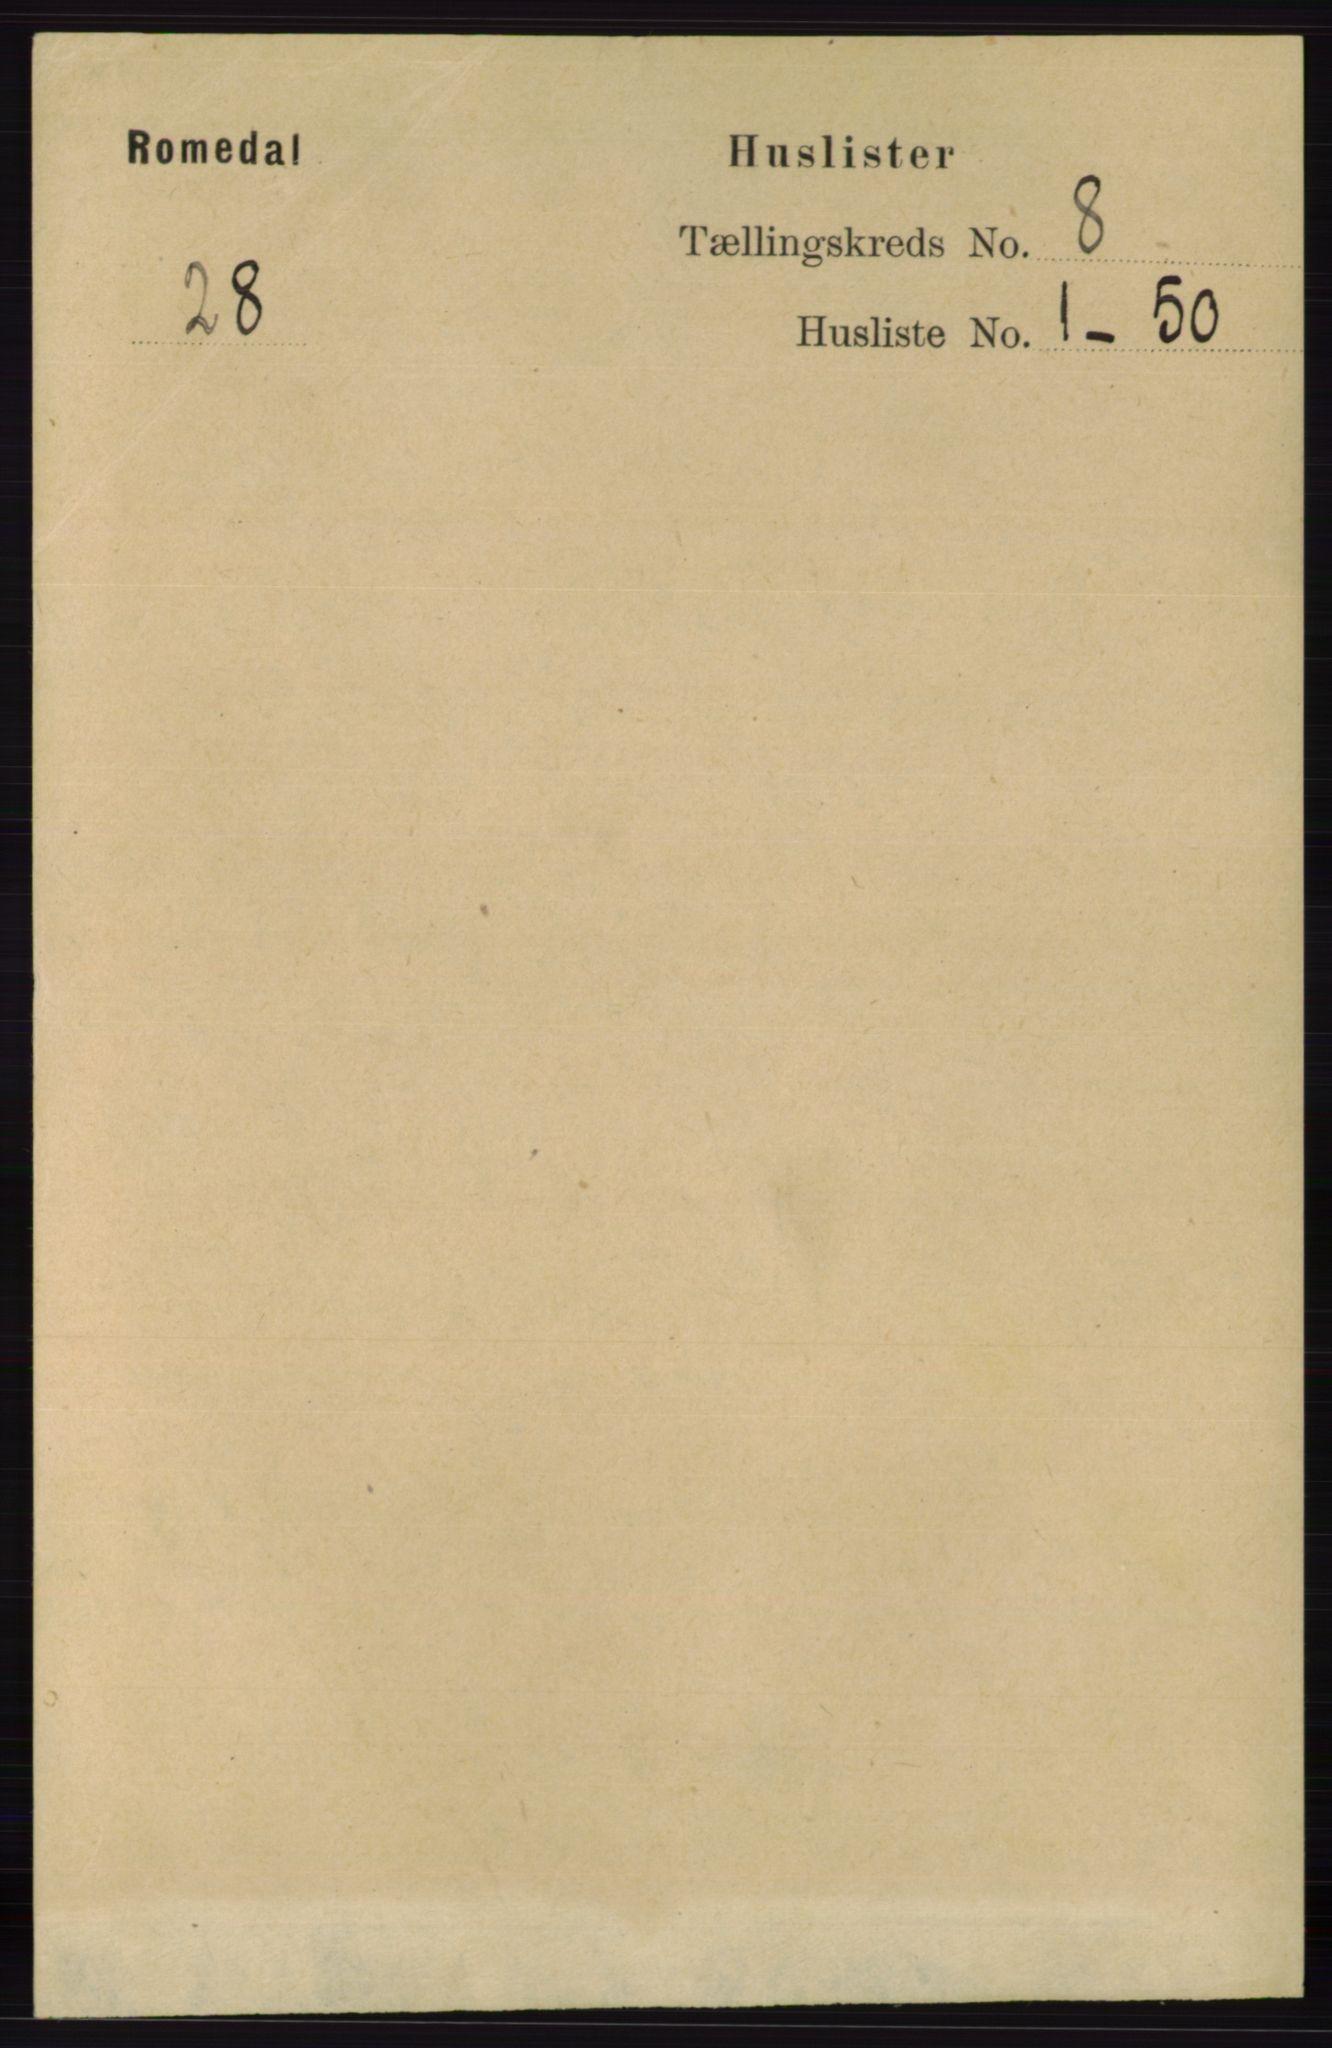 RA, Folketelling 1891 for 0416 Romedal herred, 1891, s. 3908